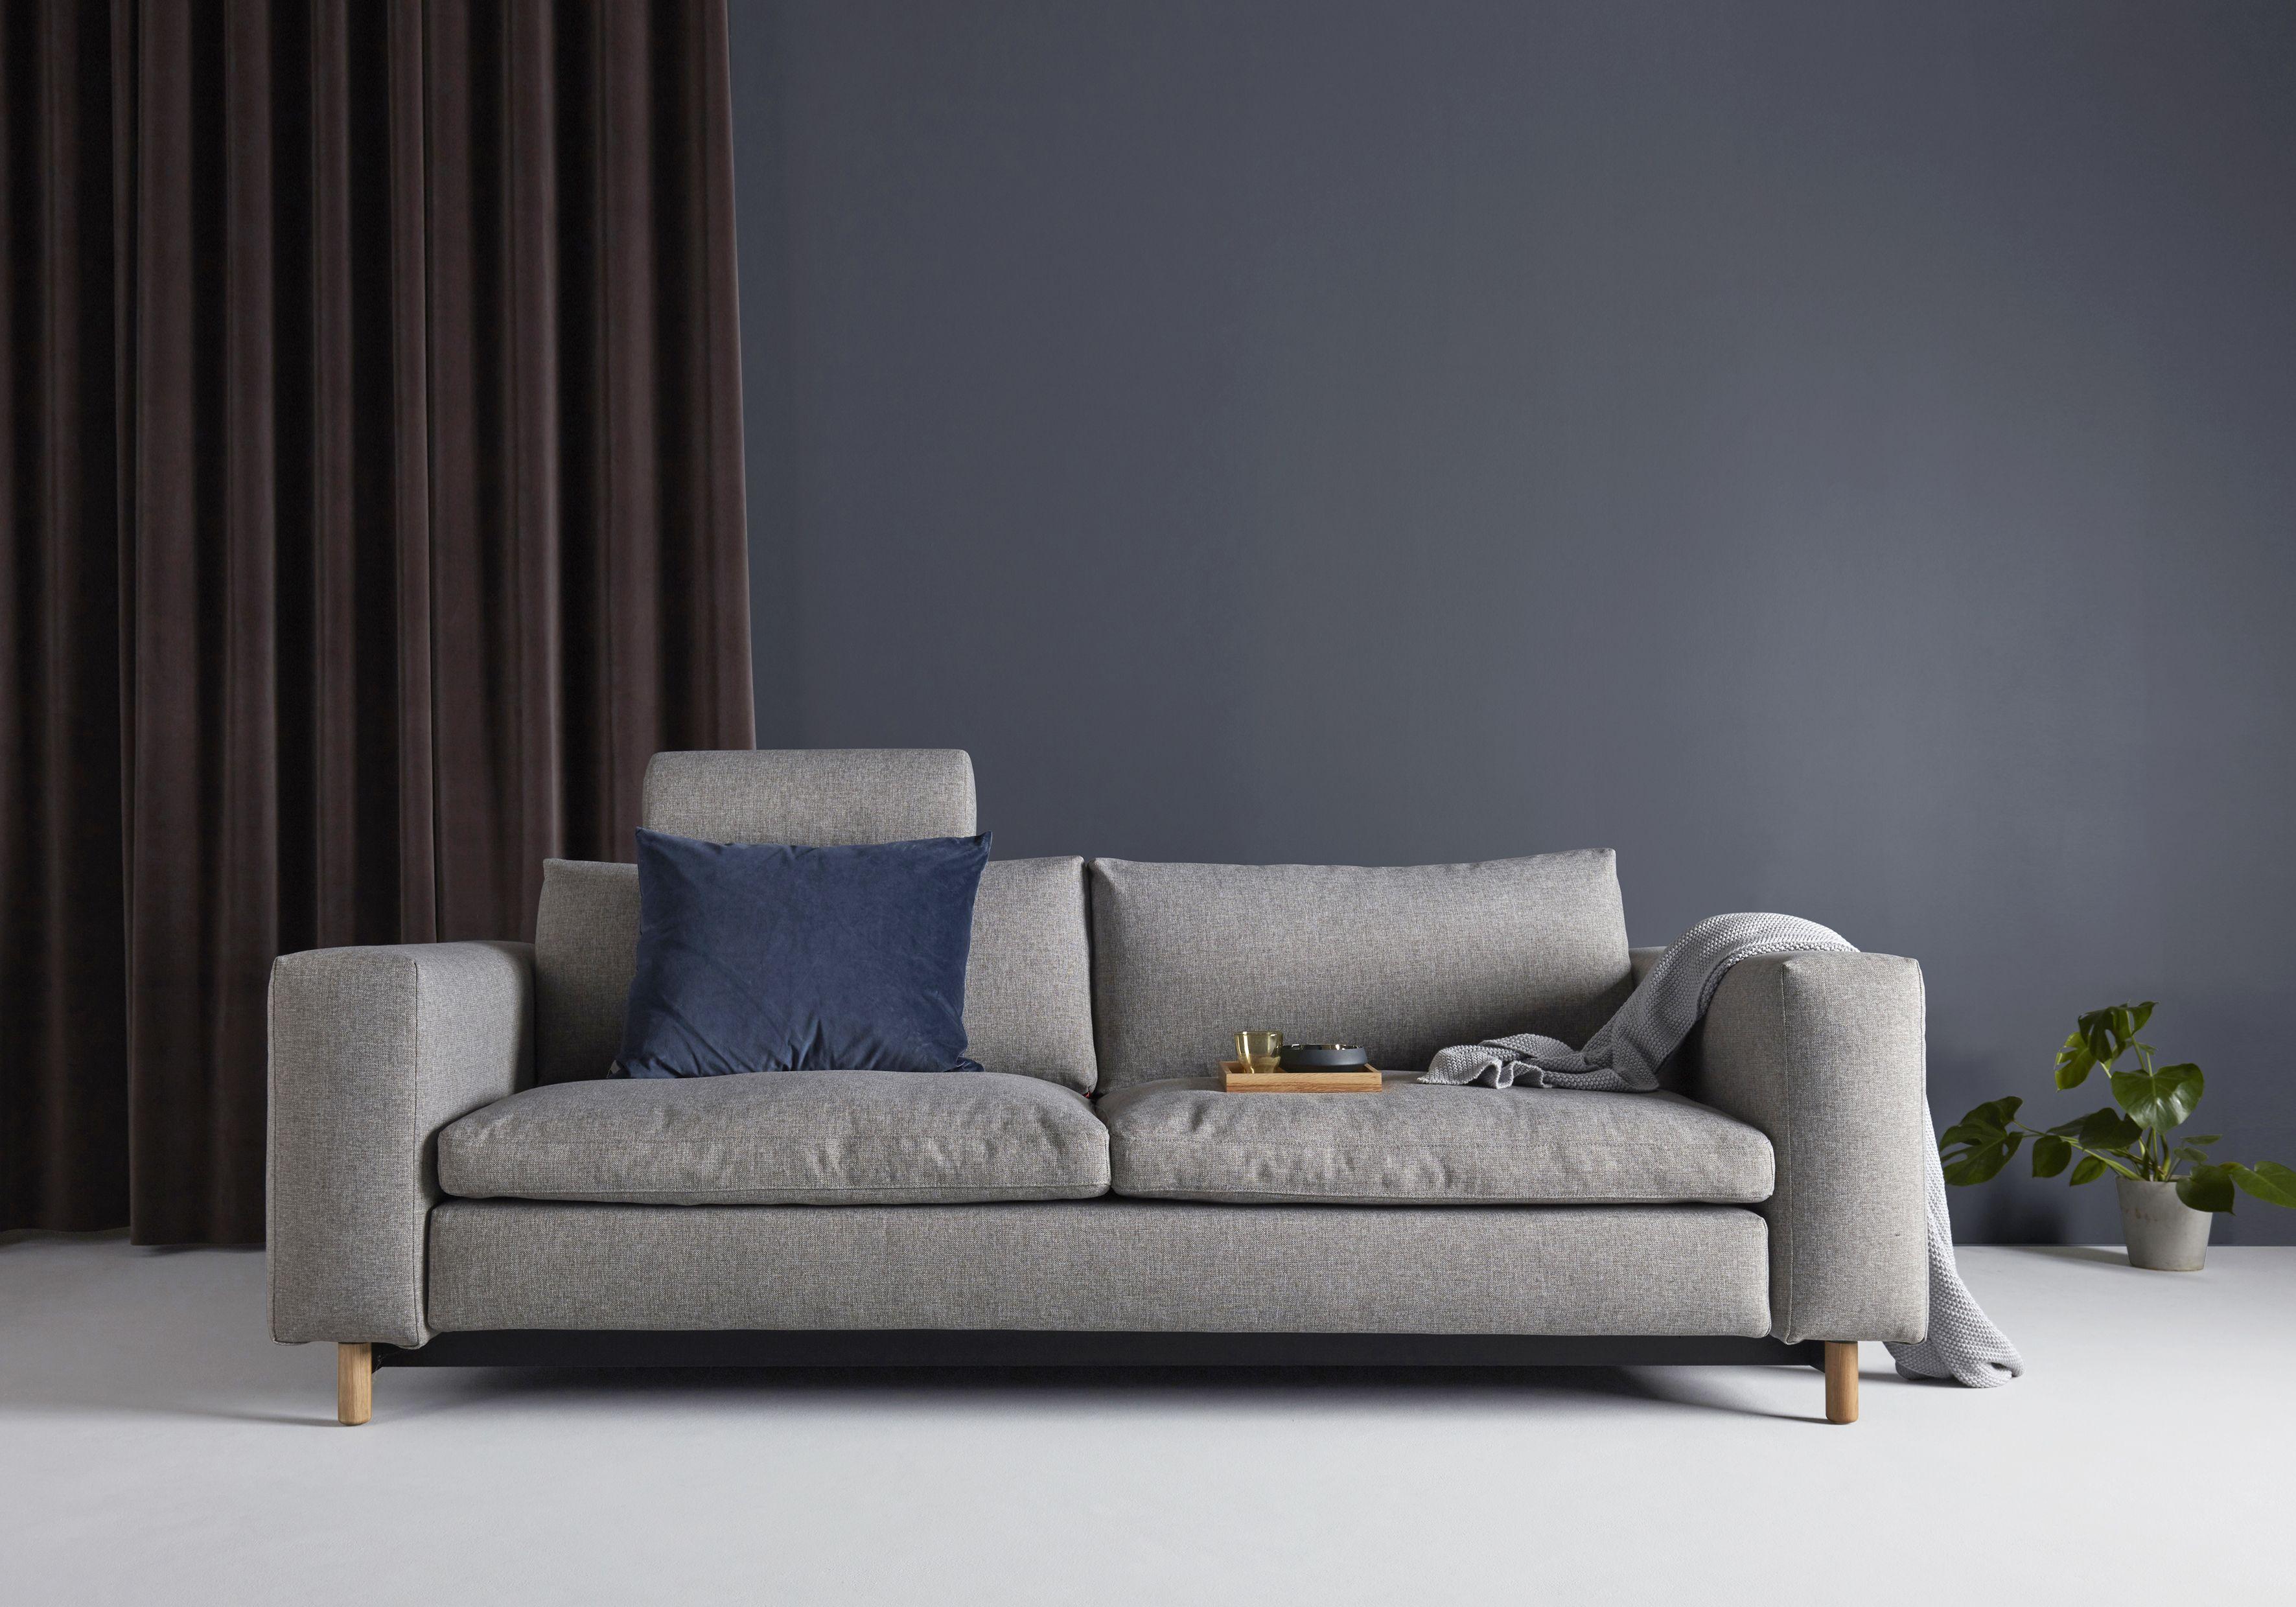 Masica 160 X 200 Cm Schlafsofa Scandinavian Design Sofa Bett Bequemes Schlafsofa Sofa